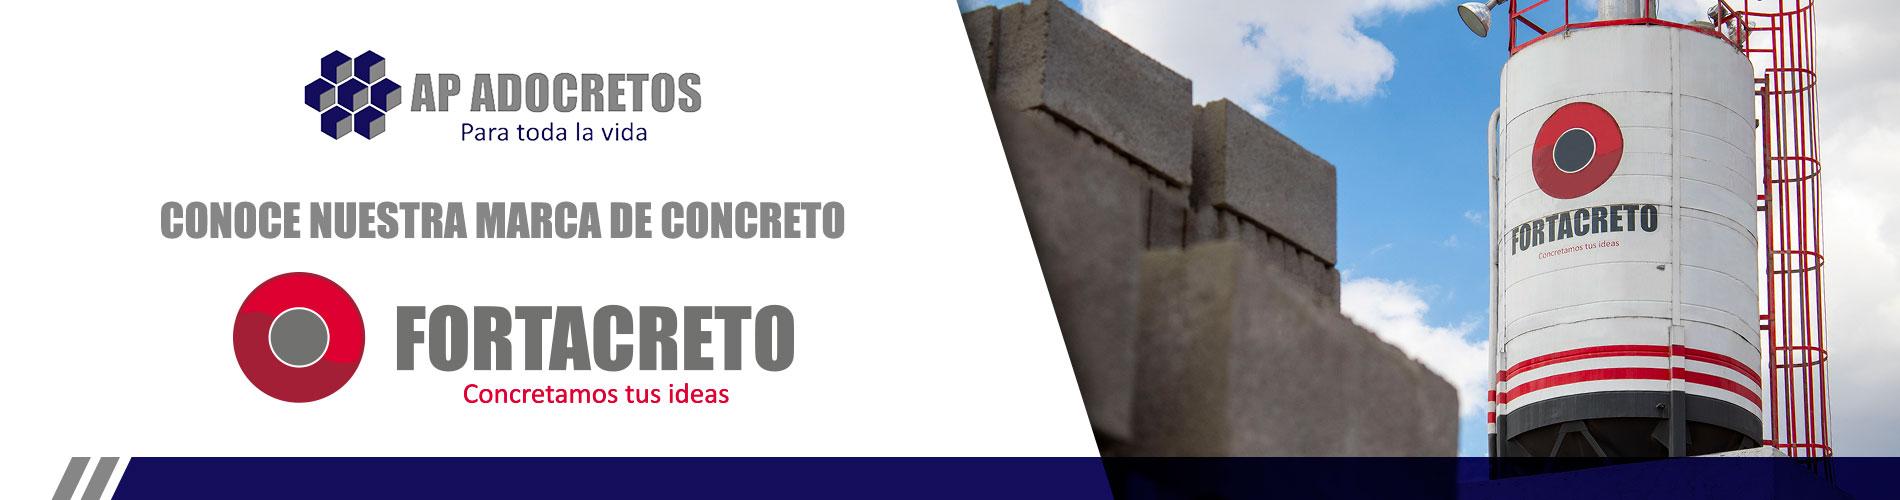 Conoce nuestra marca de concretos